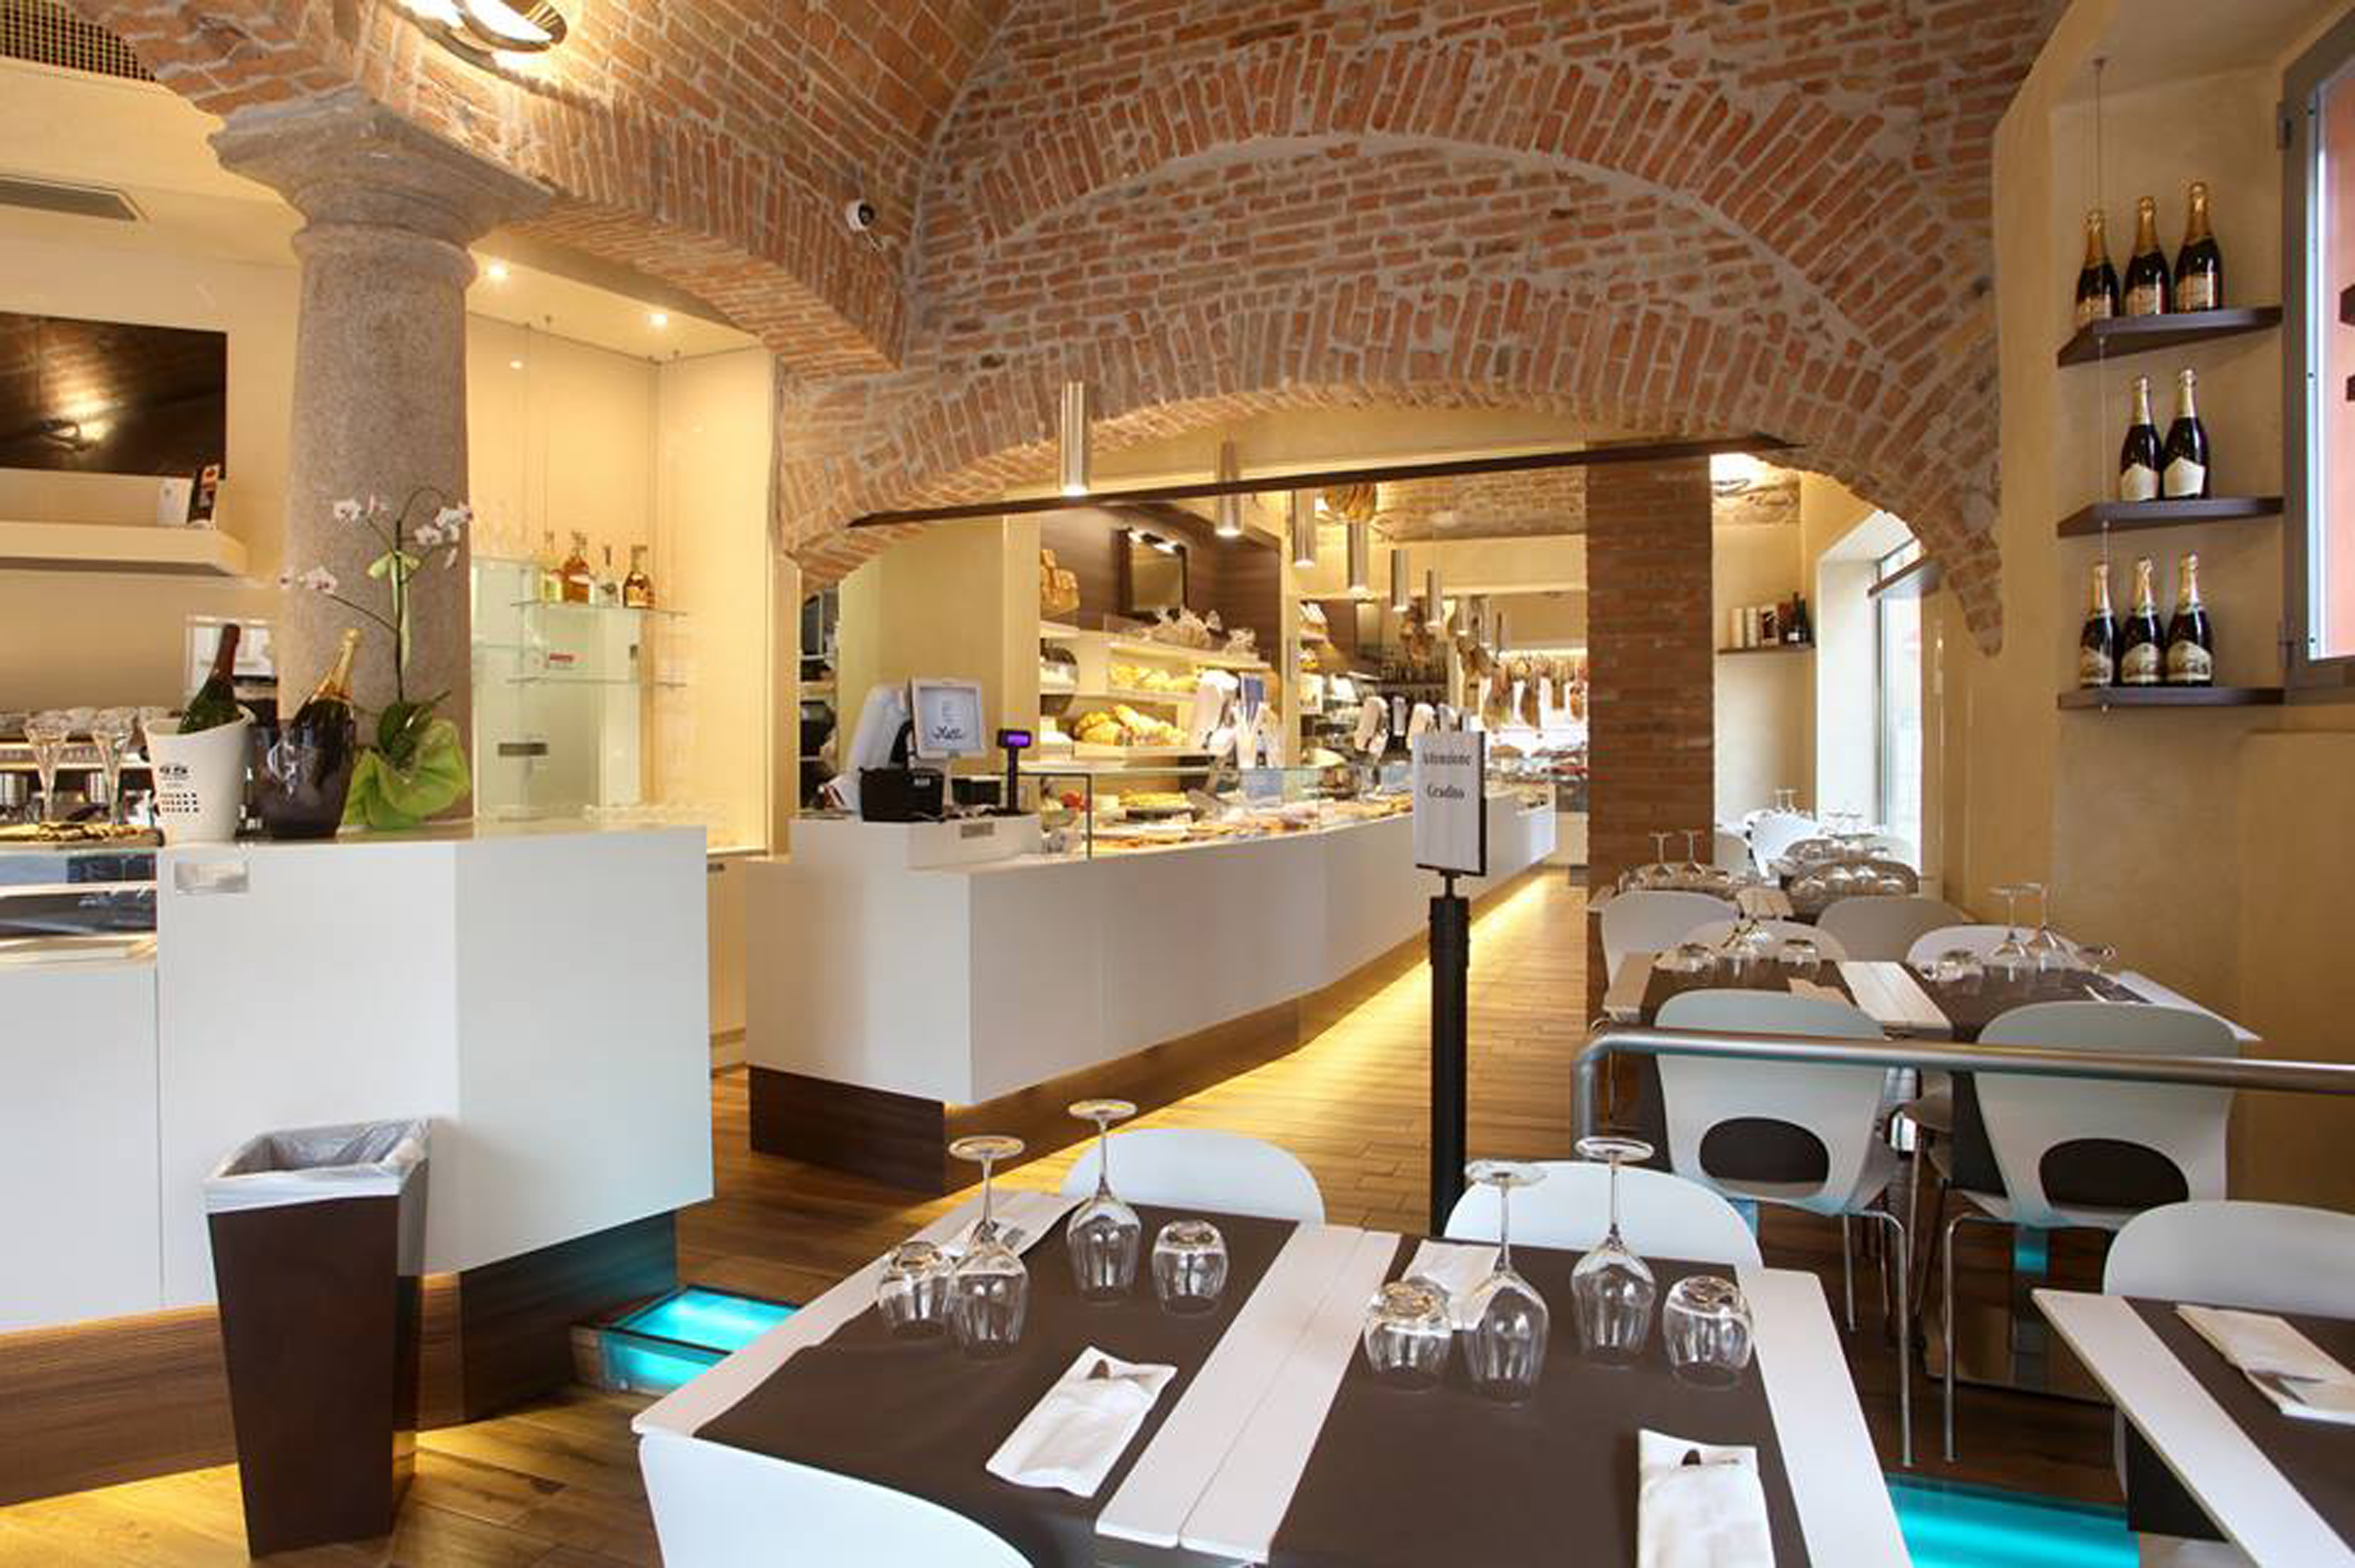 Arredamento pub moderno caricamento in corso with for Corso arredamento